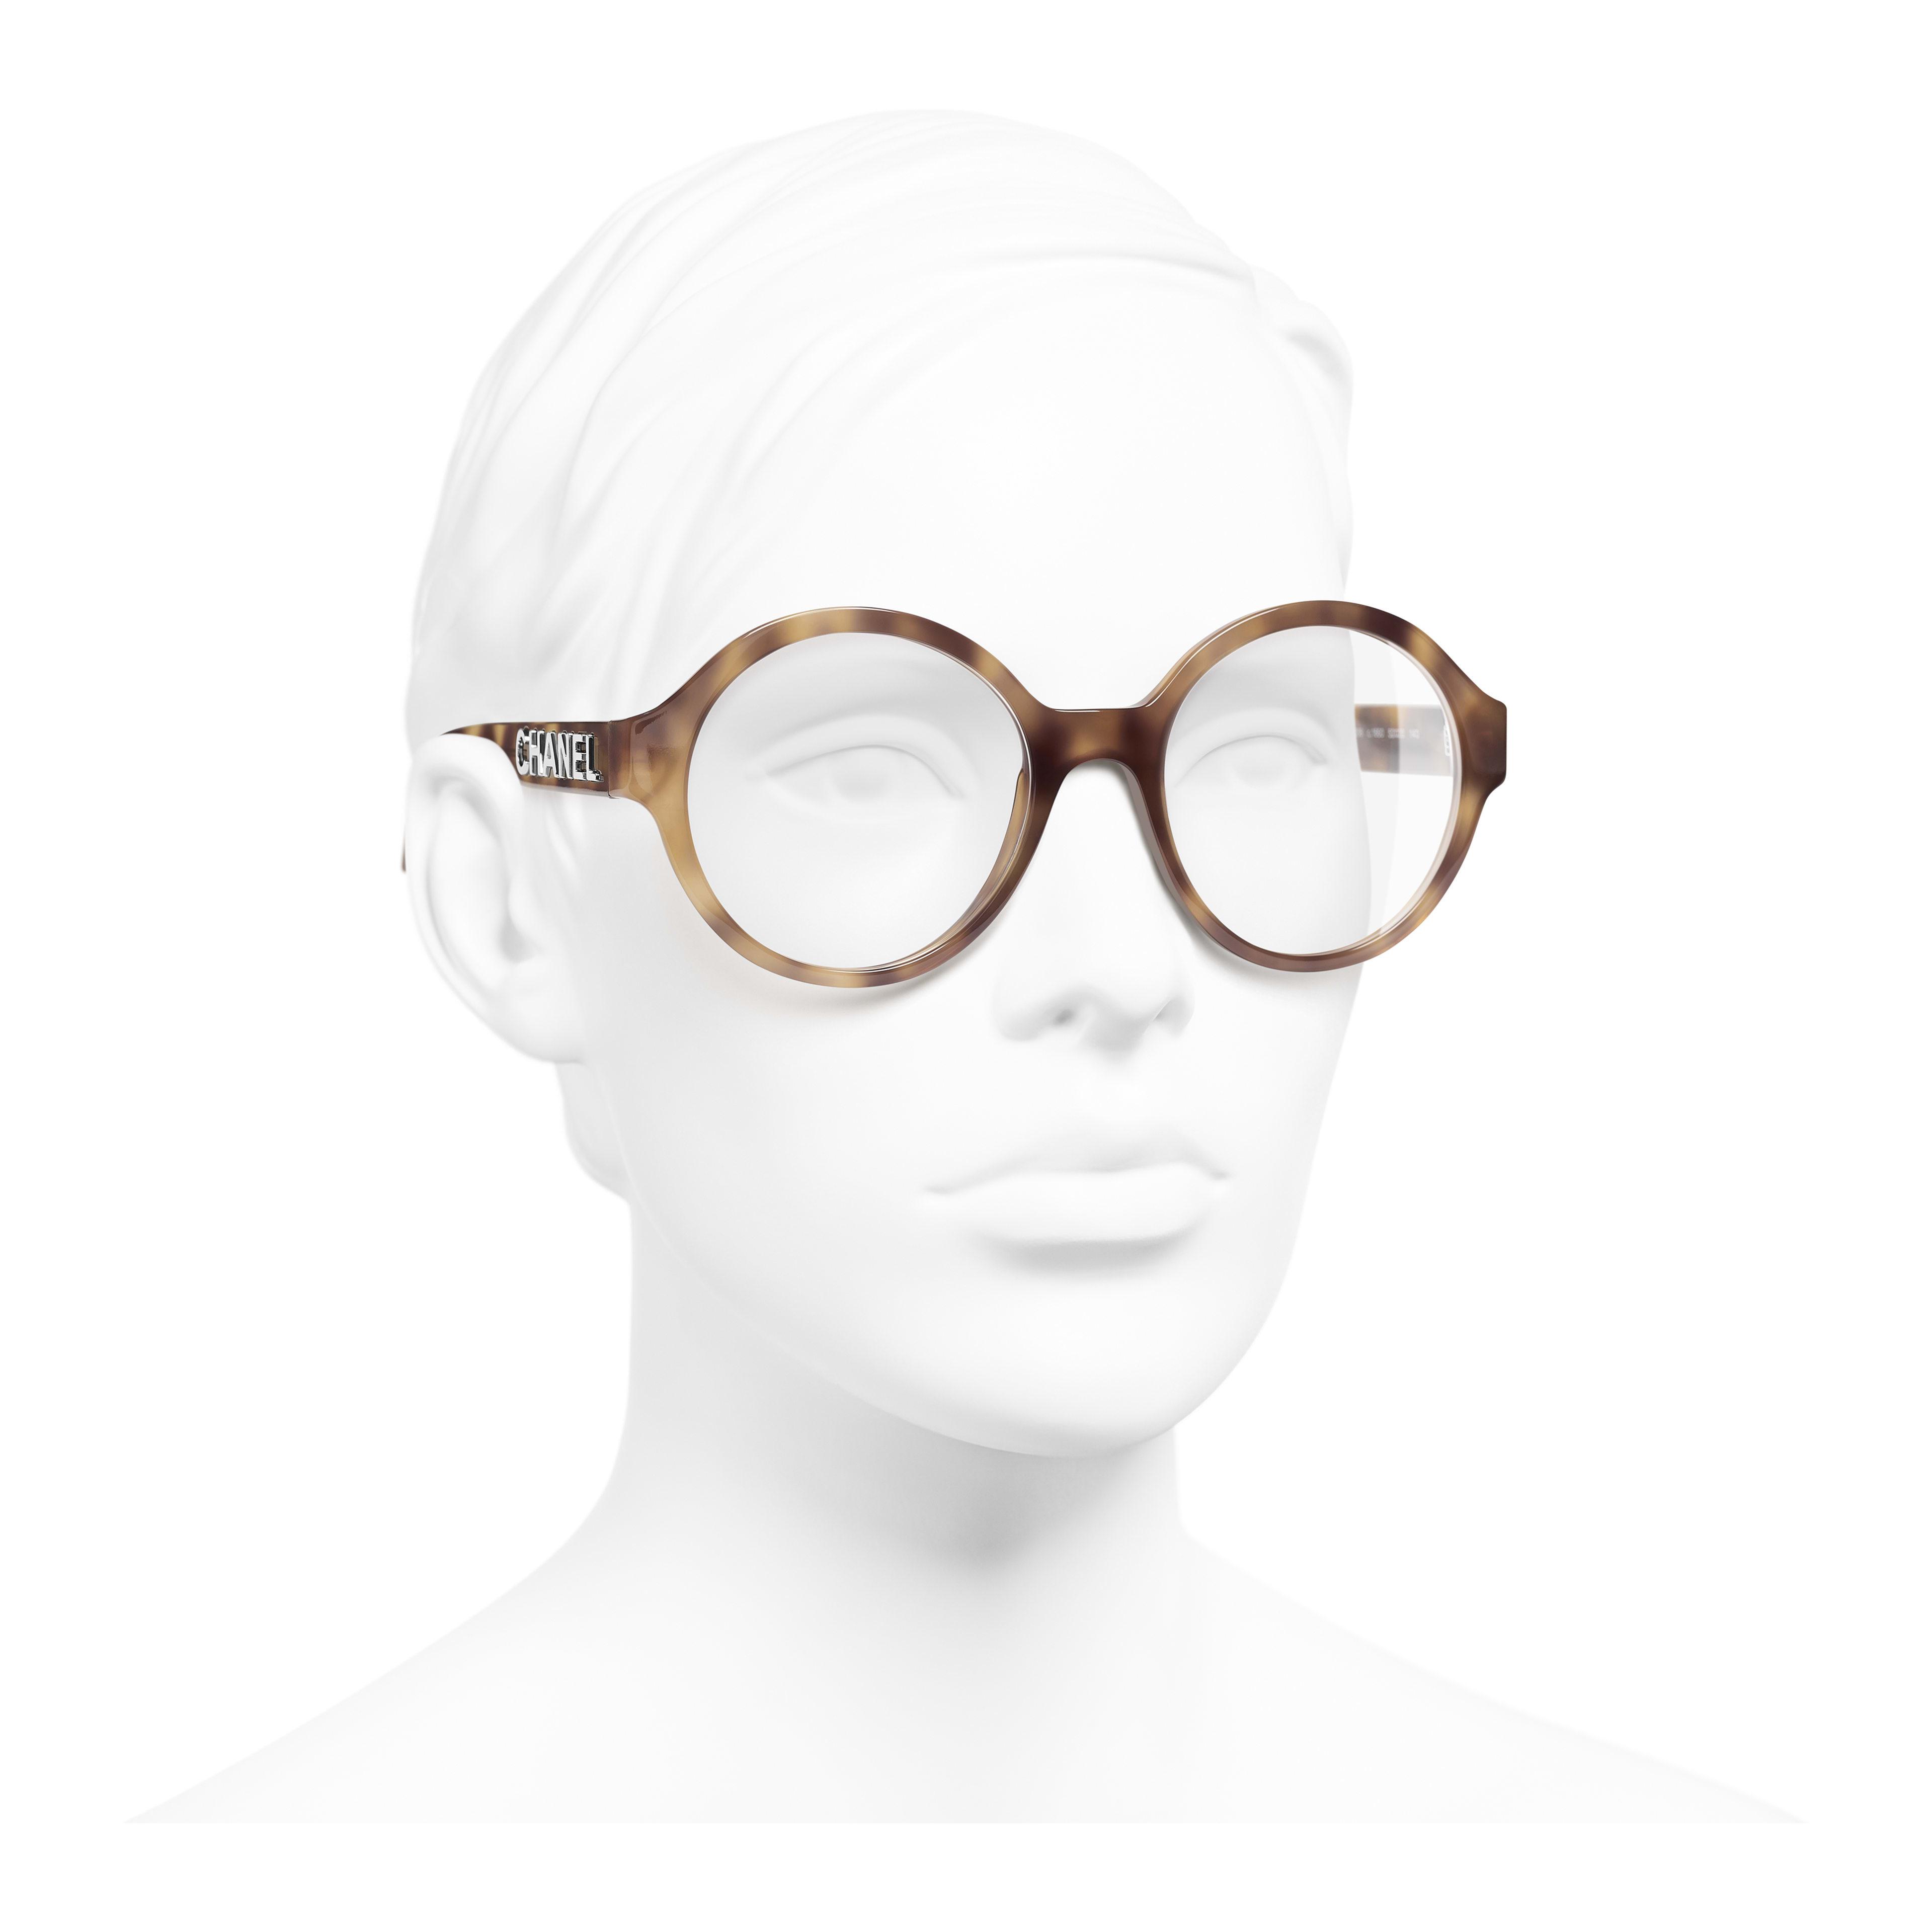 แว่นสายตาทรงกลม - สีกระอ่อน - อะซิเตท - มุมมองการสวมใส่ 3/4 - ดูเวอร์ชันขนาดเต็ม